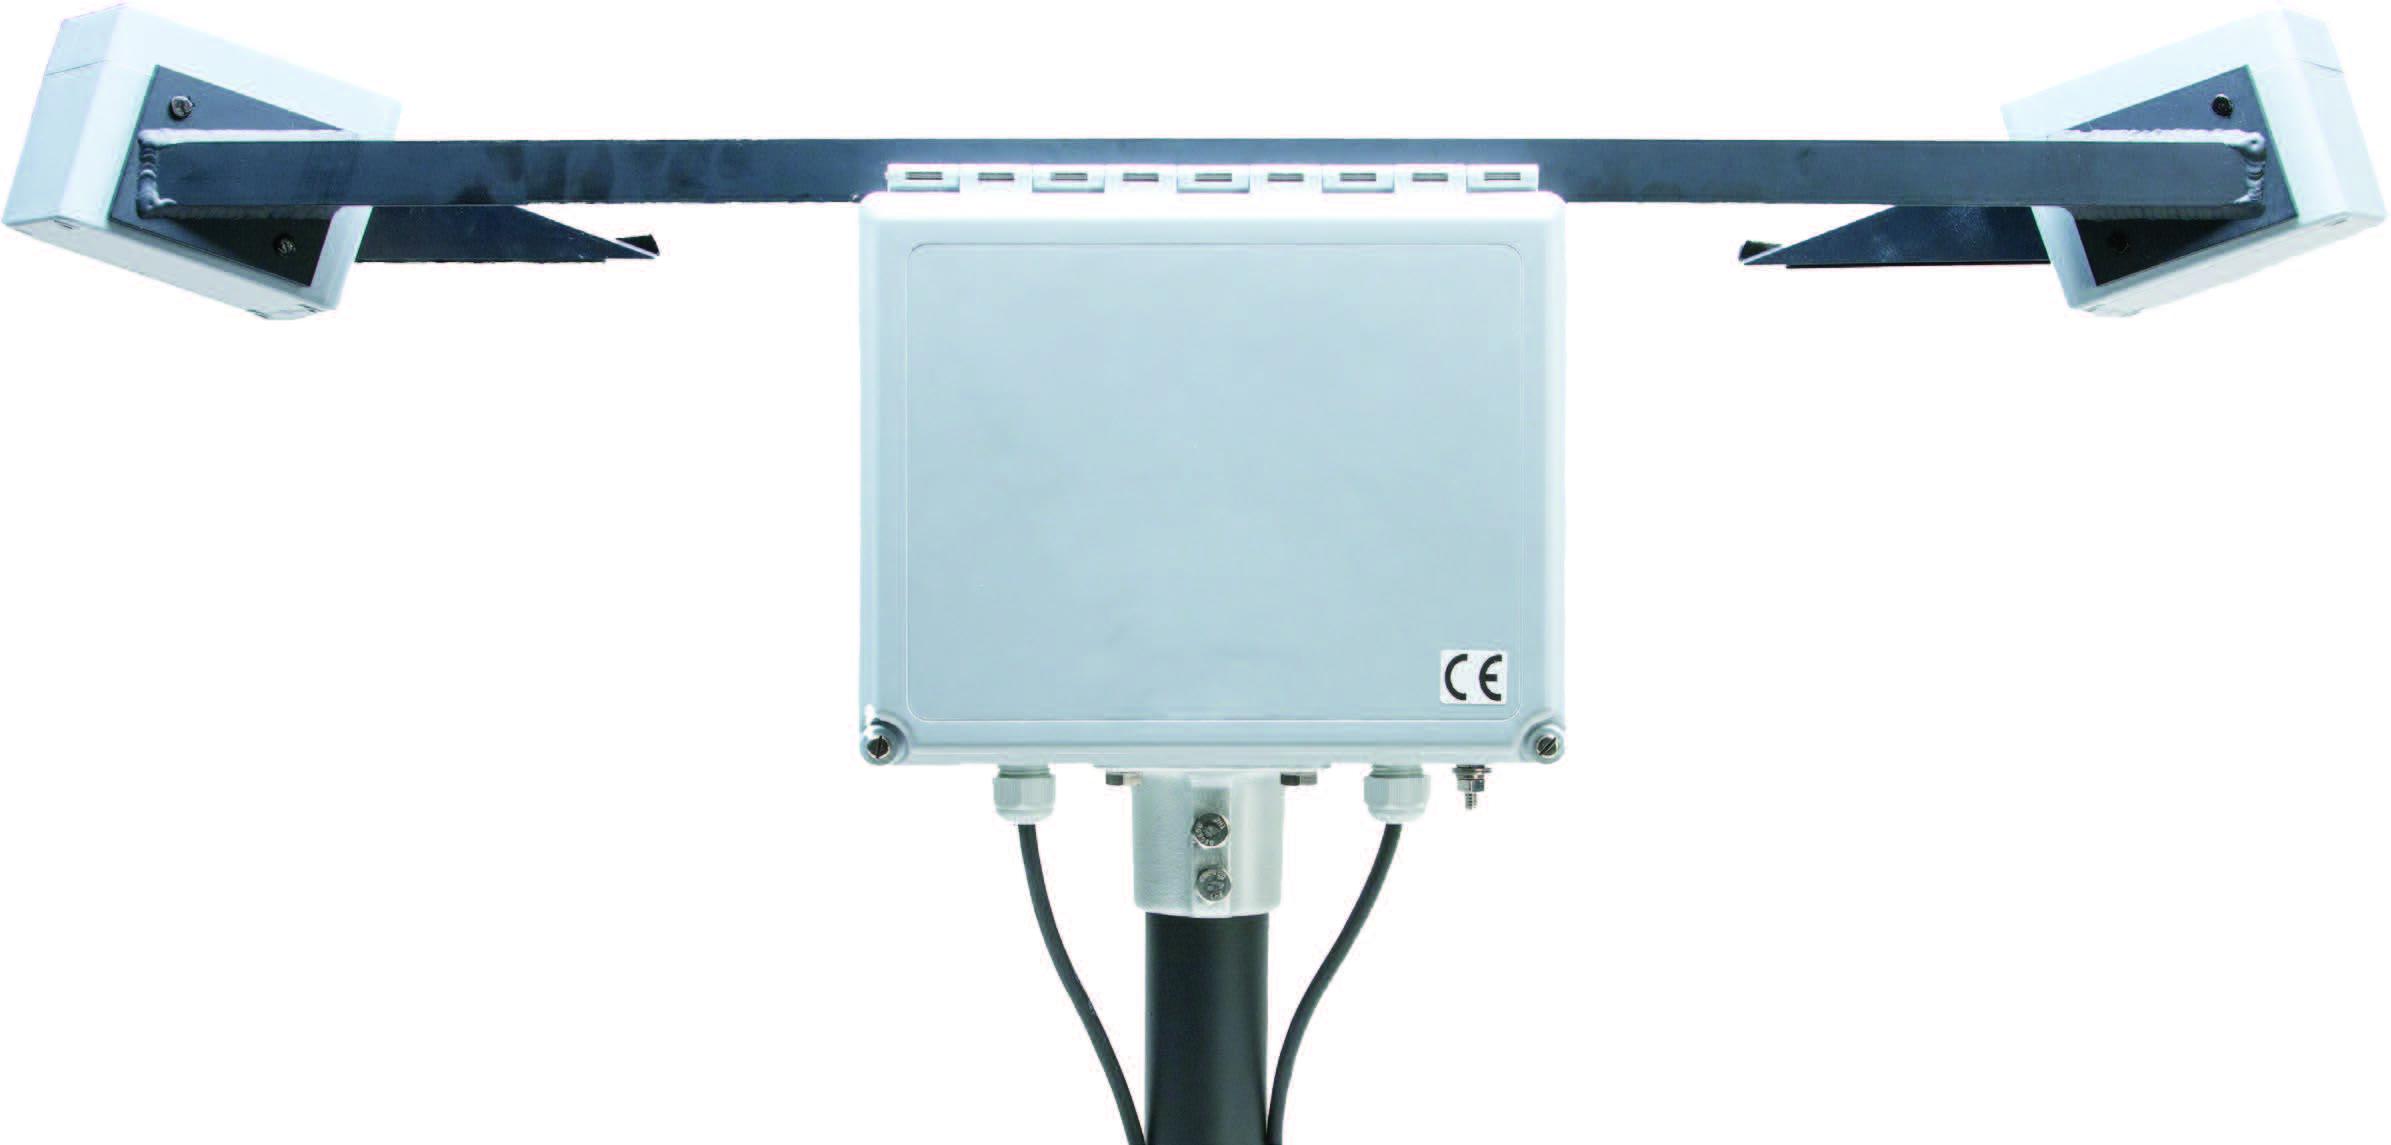 销量好的Model 73000能见度传感器生产厂家 Model73000能见度传感器动态